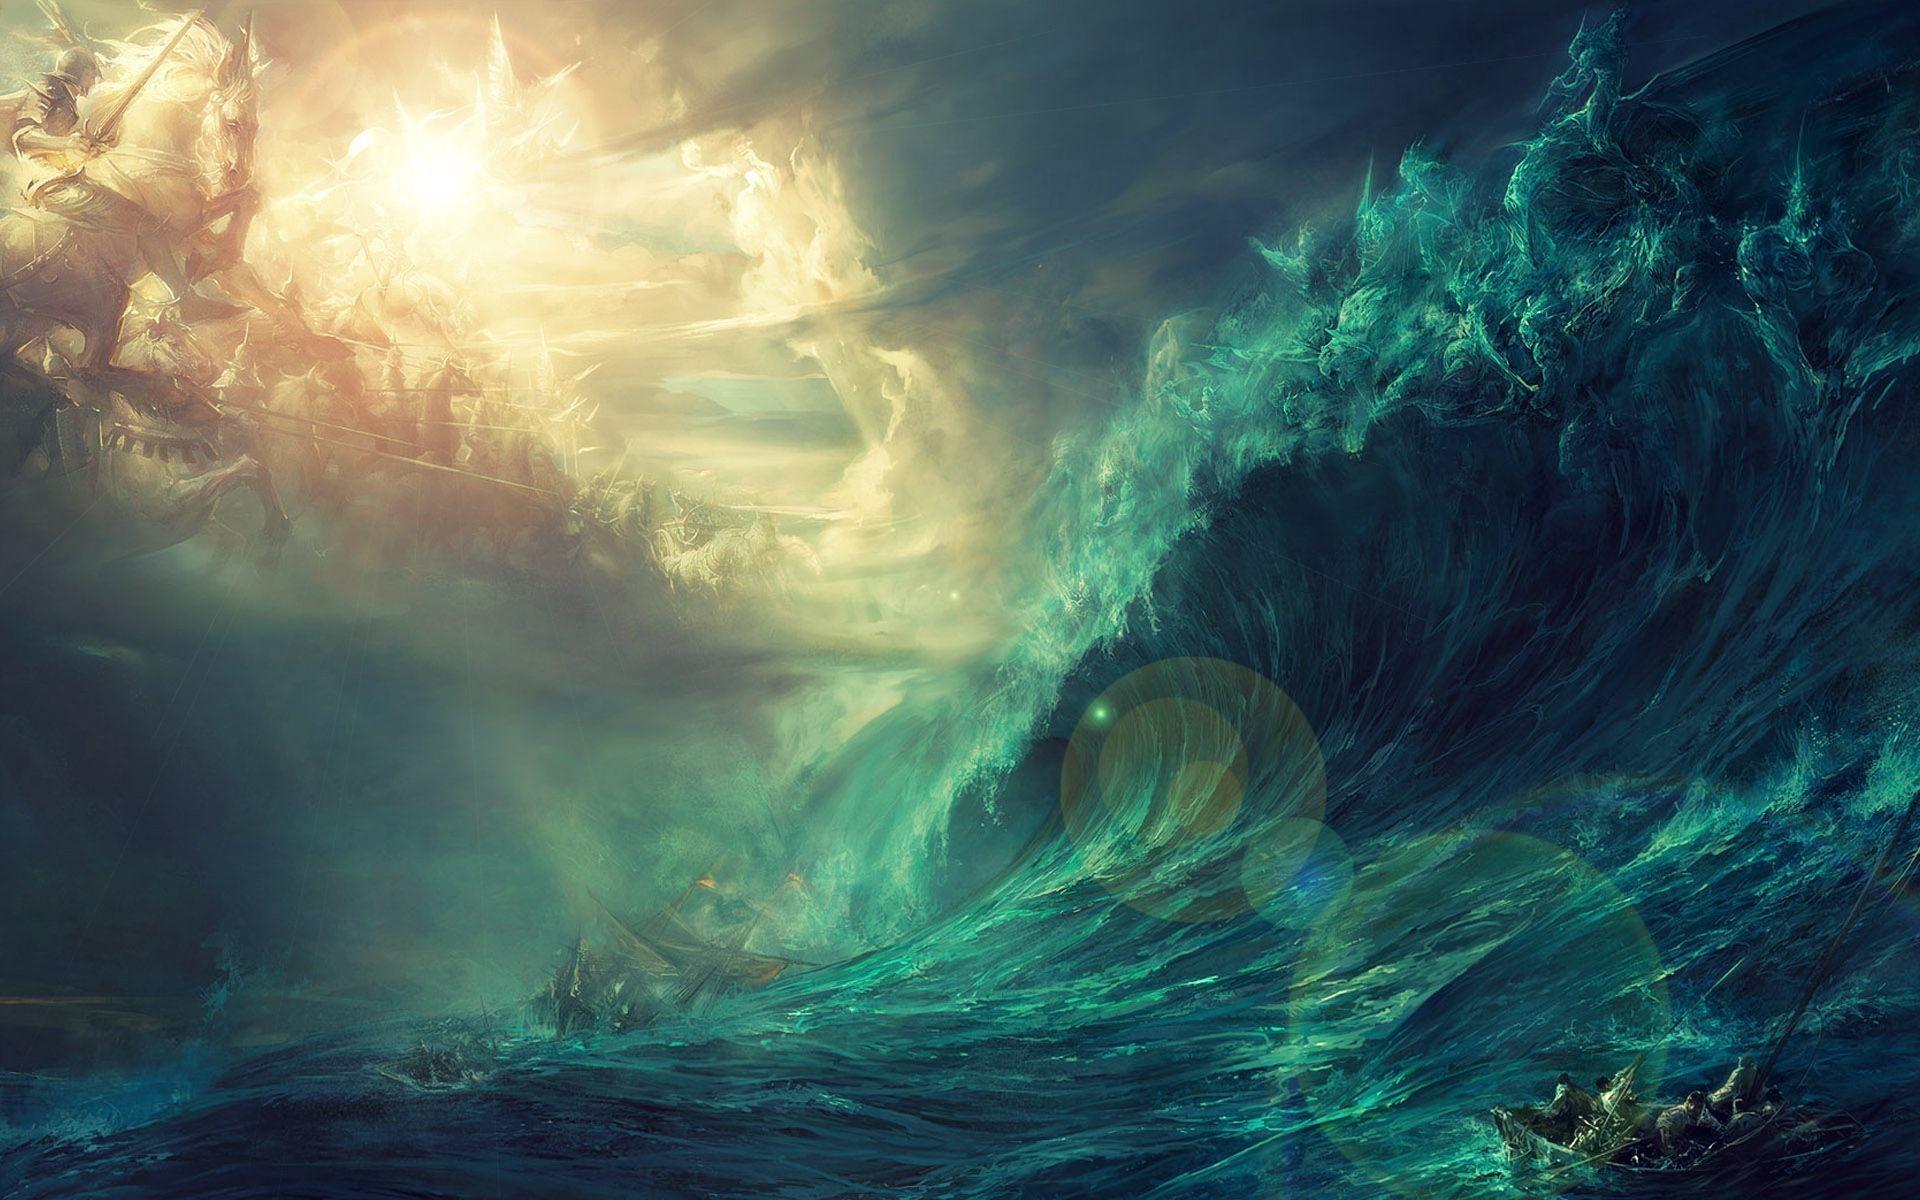 Wallpapers Hd Raging Seas Waves Ocean Storm Rough Chop 3840 X 1080 430 .